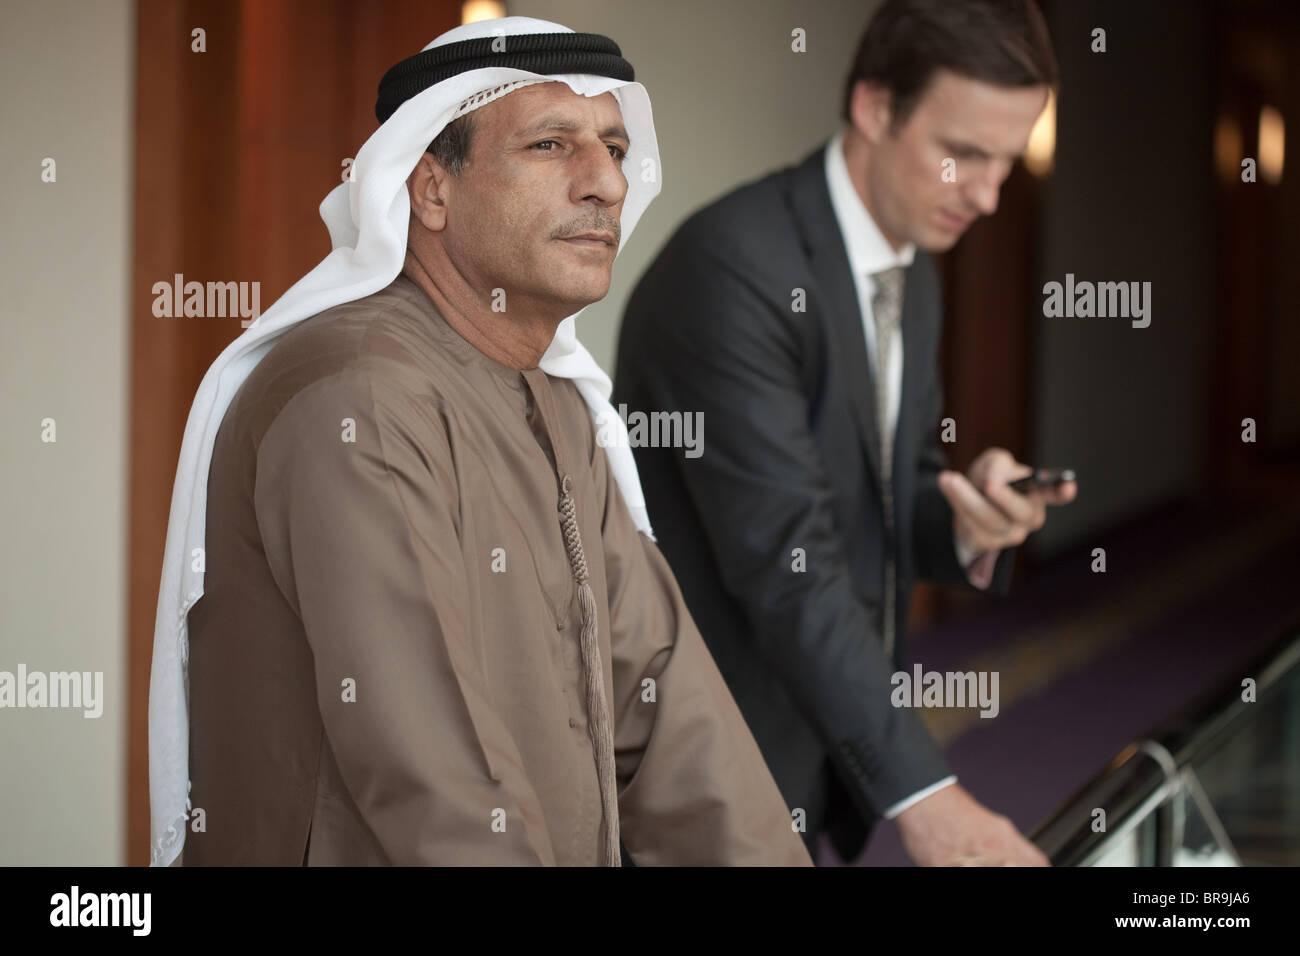 Nahen Osten und westlichen Geschäftsleuten Stockbild